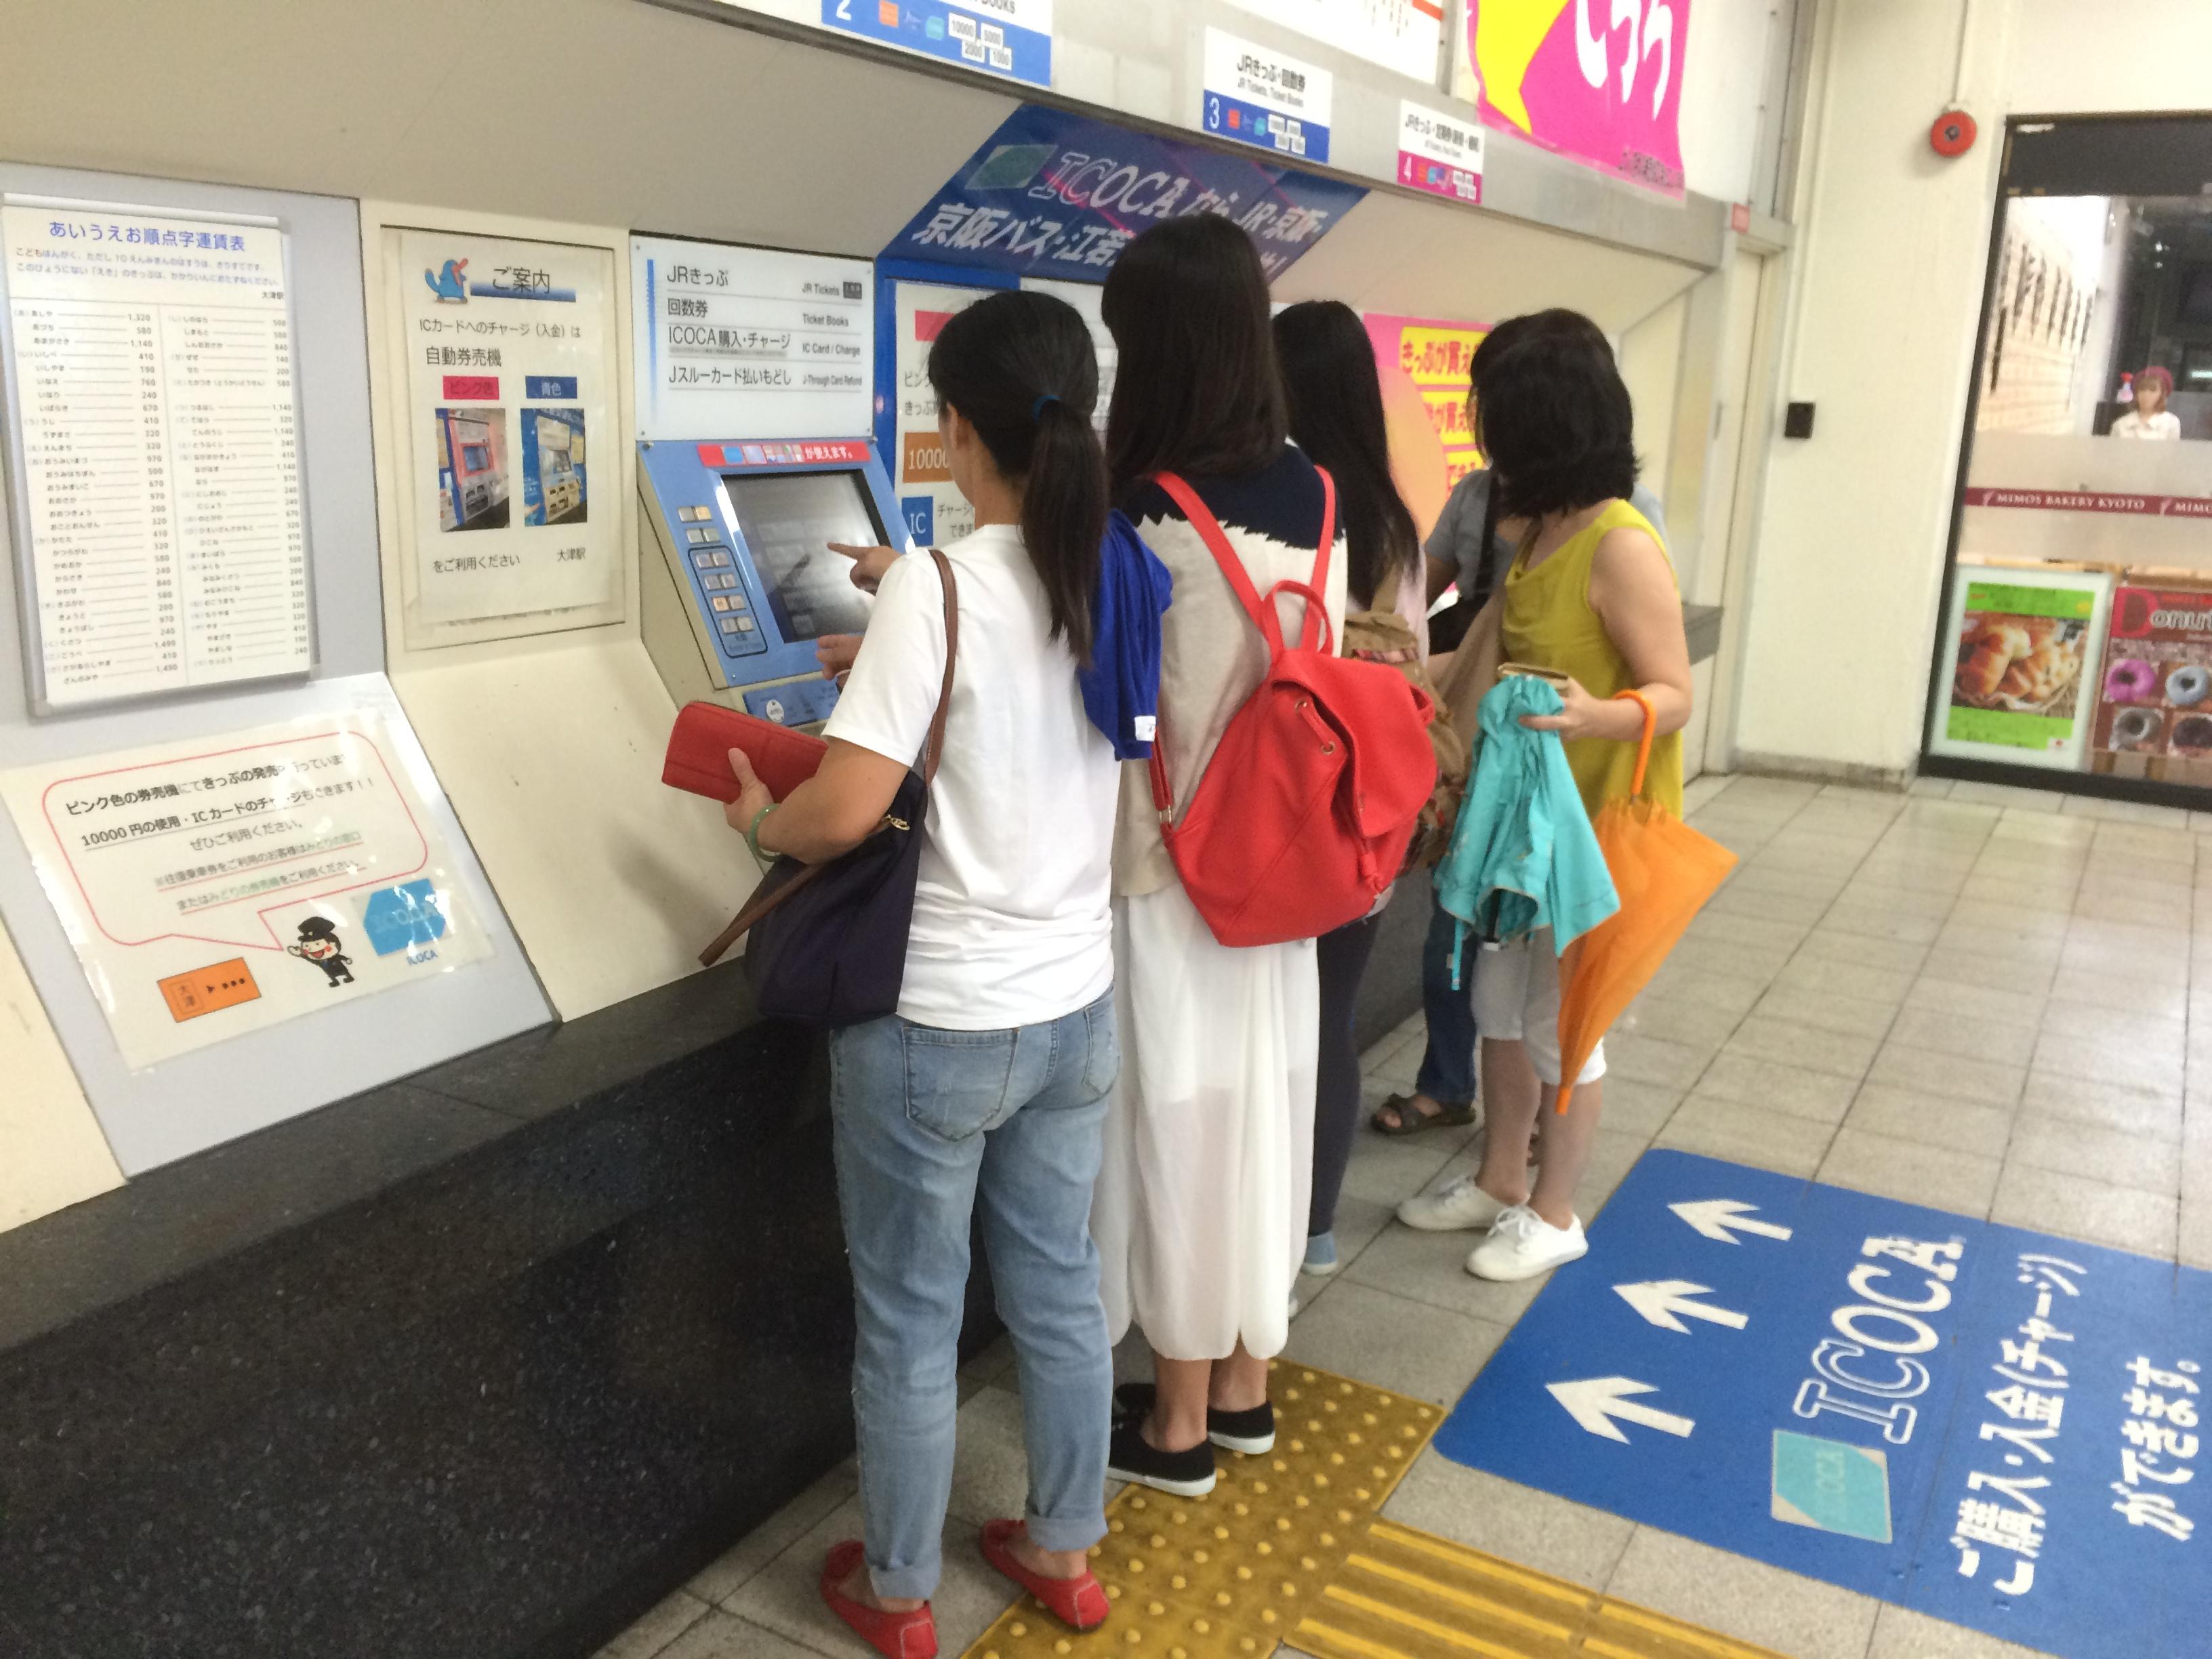 Gruppenarbeit am Automaten